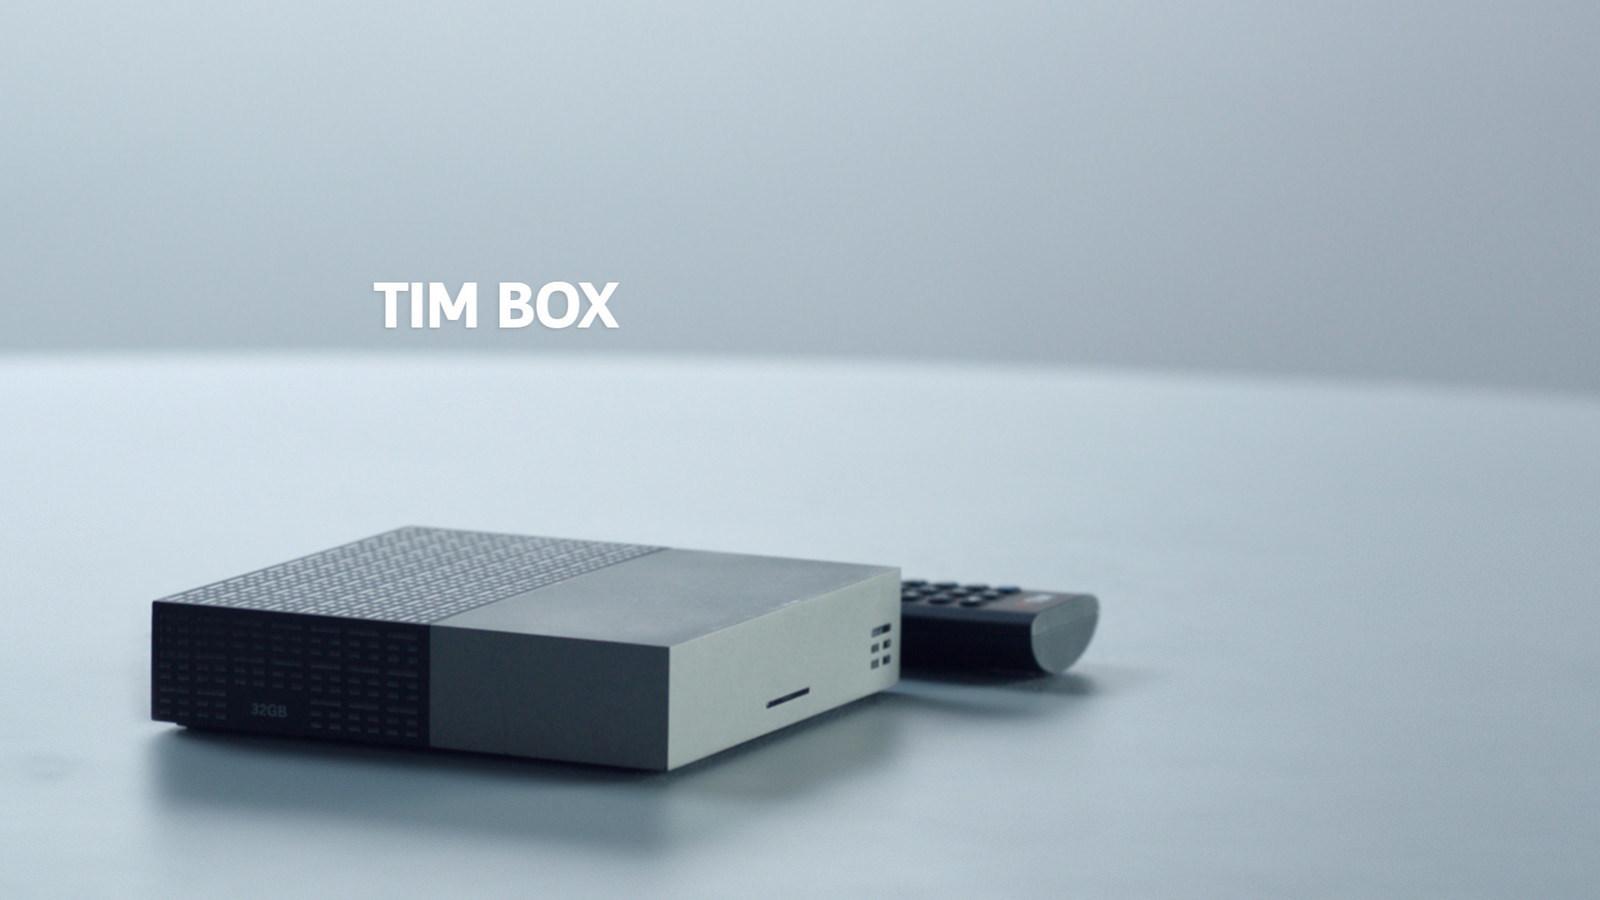 Tim - annunciata il servizio TimGames per l'home gaming